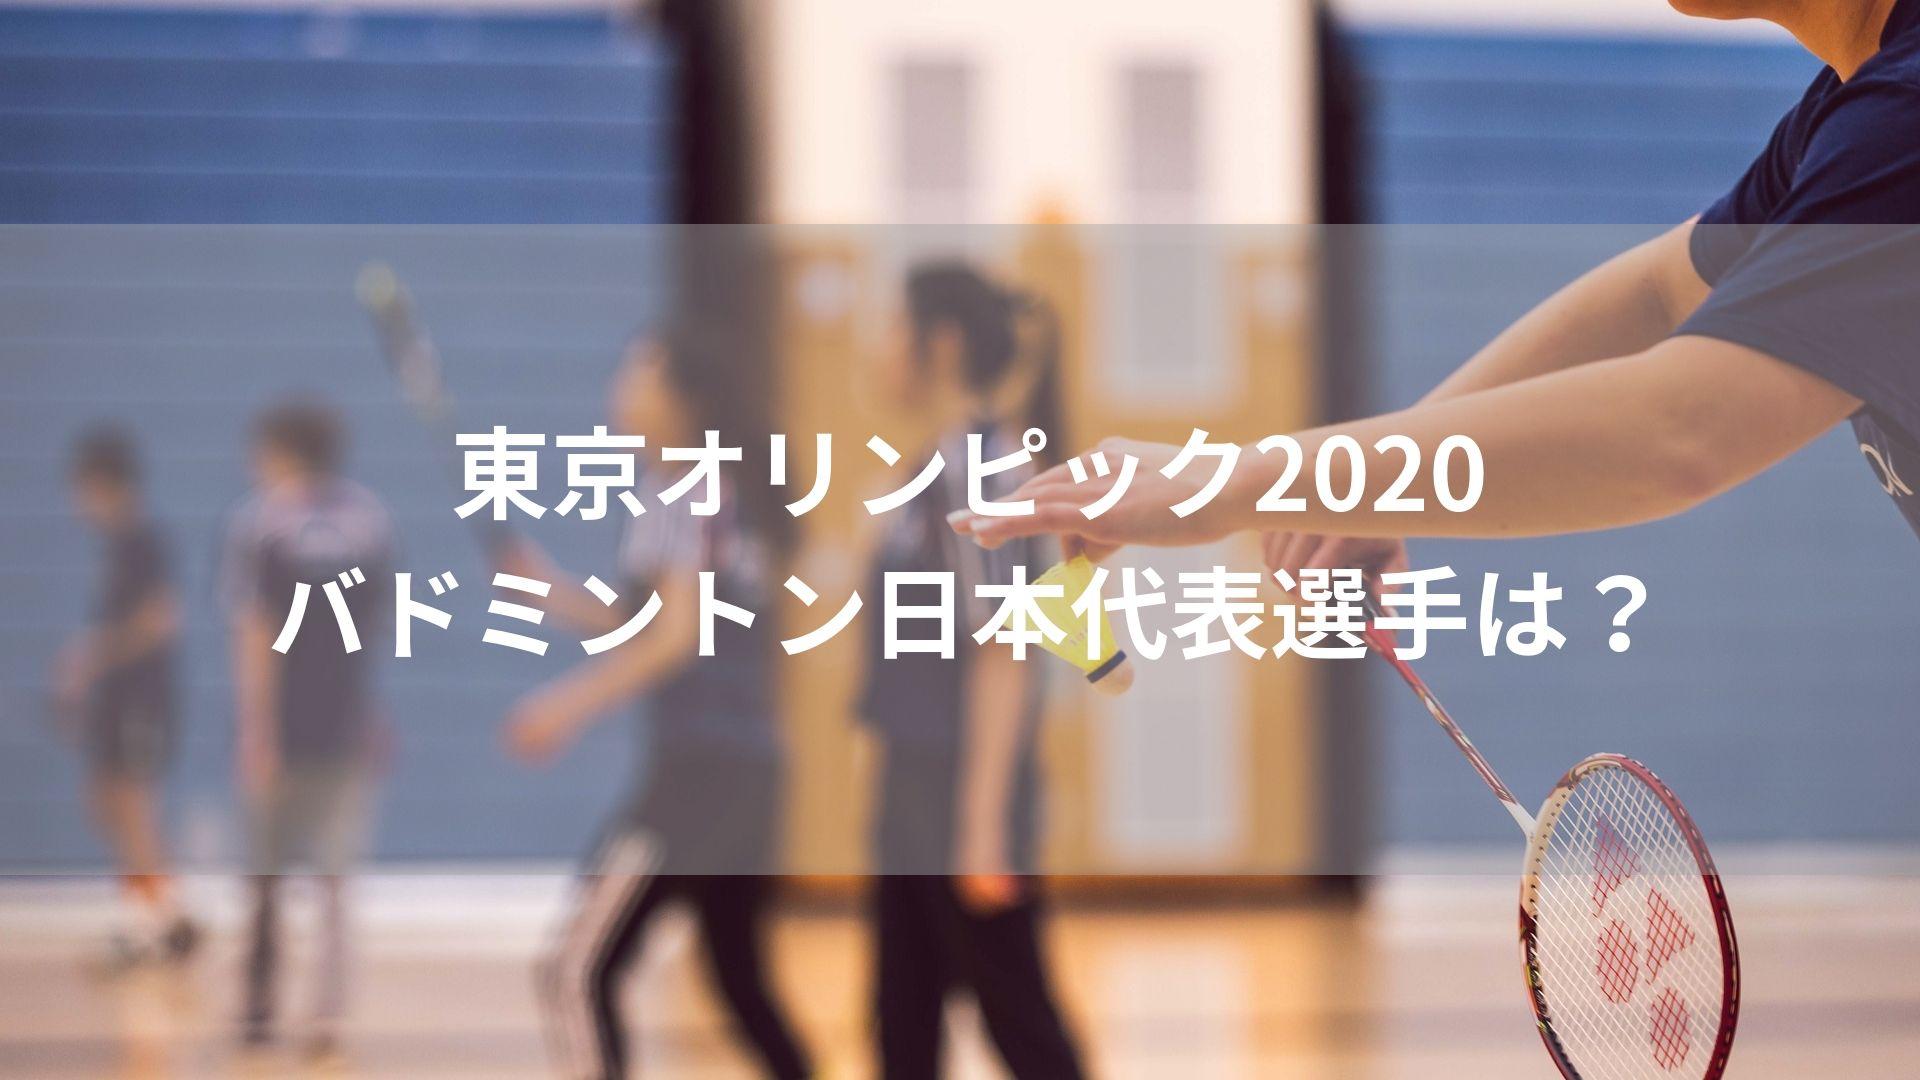 東京オリンピック2020バドミントン代表